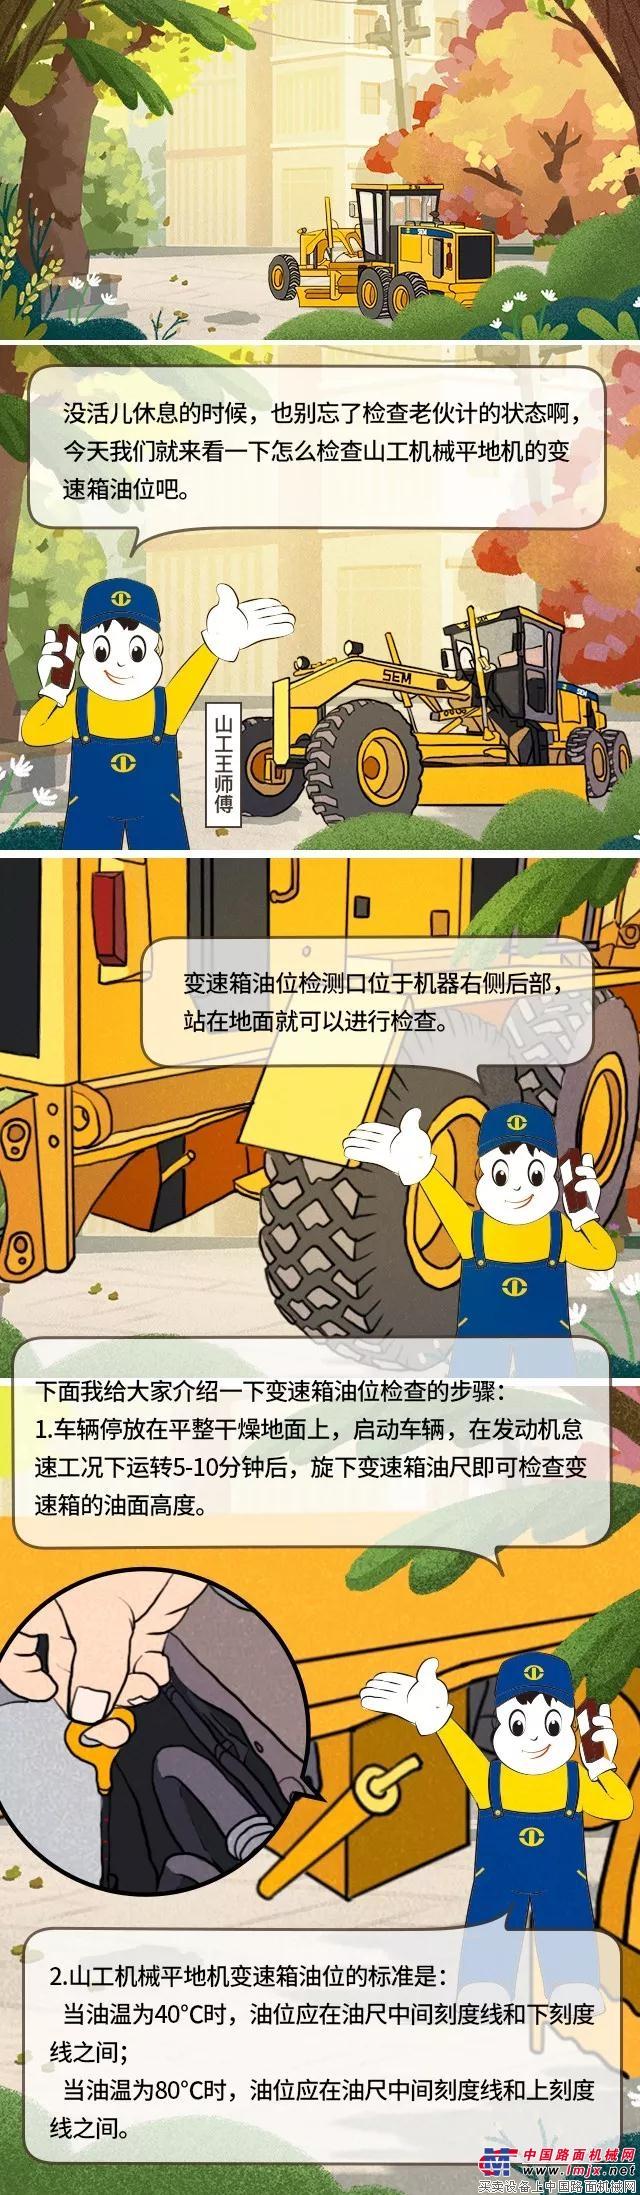 山工王师傅小贴士︱平地机变速箱油位检查